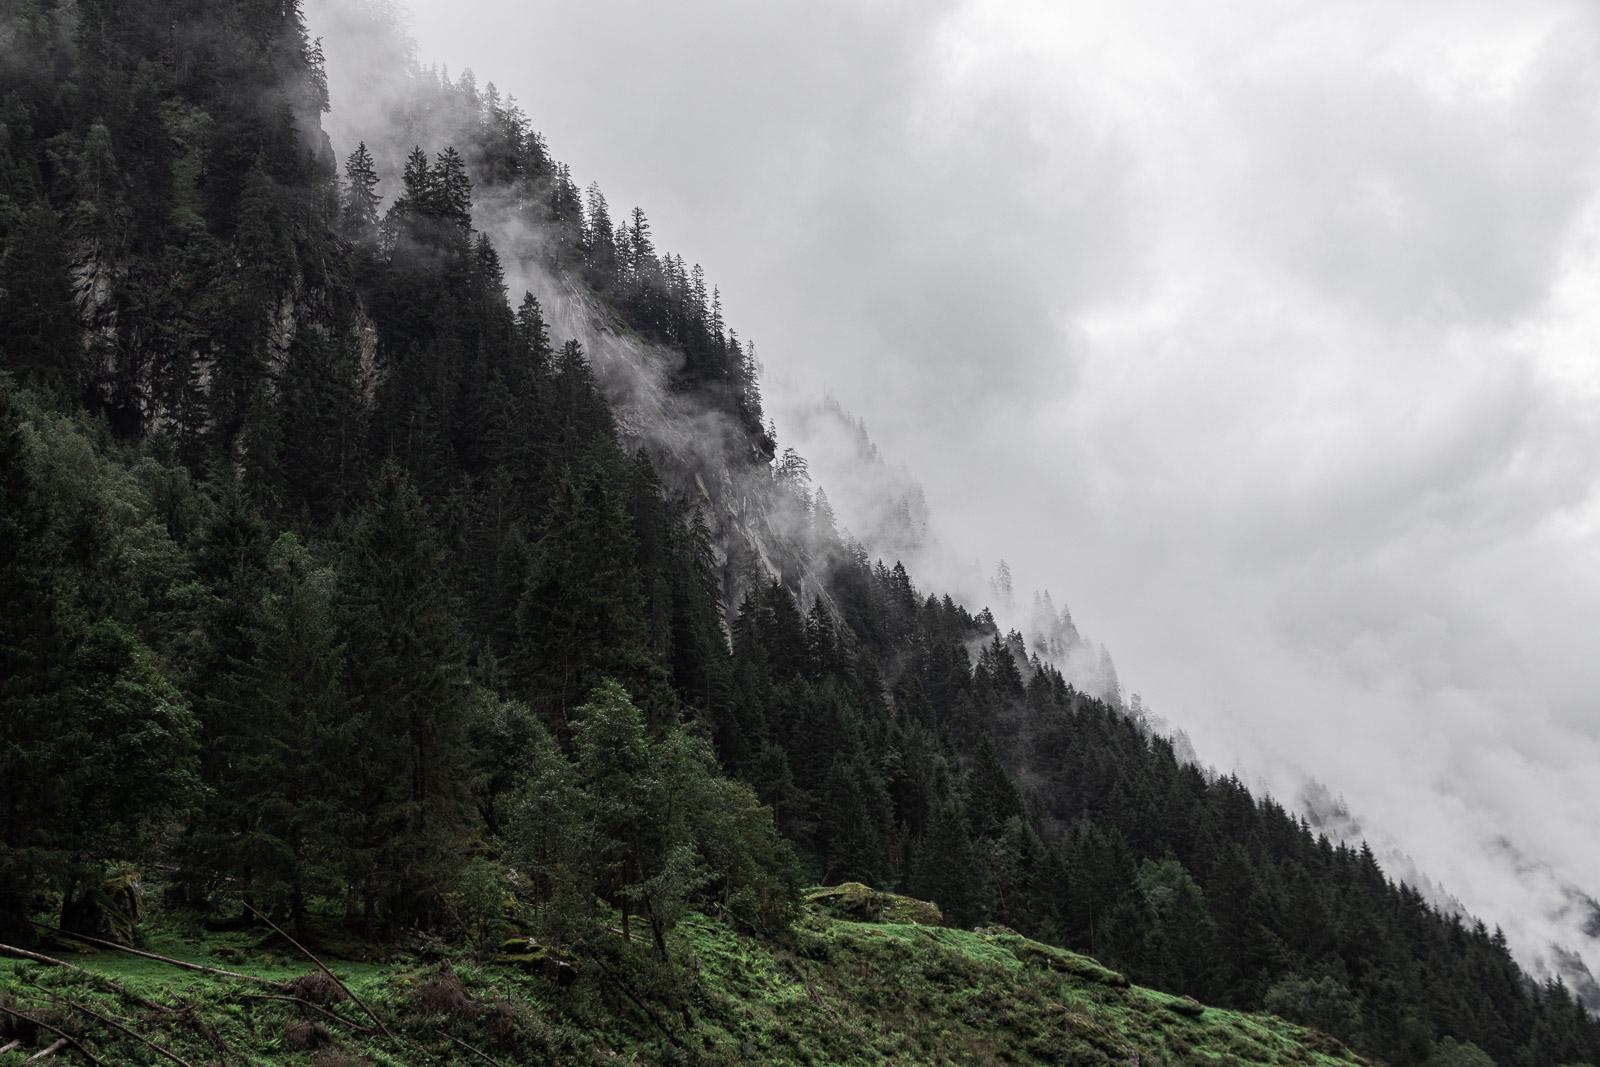 Berg mit Wiese, Bäumen und Nebel am Stillup Stausee